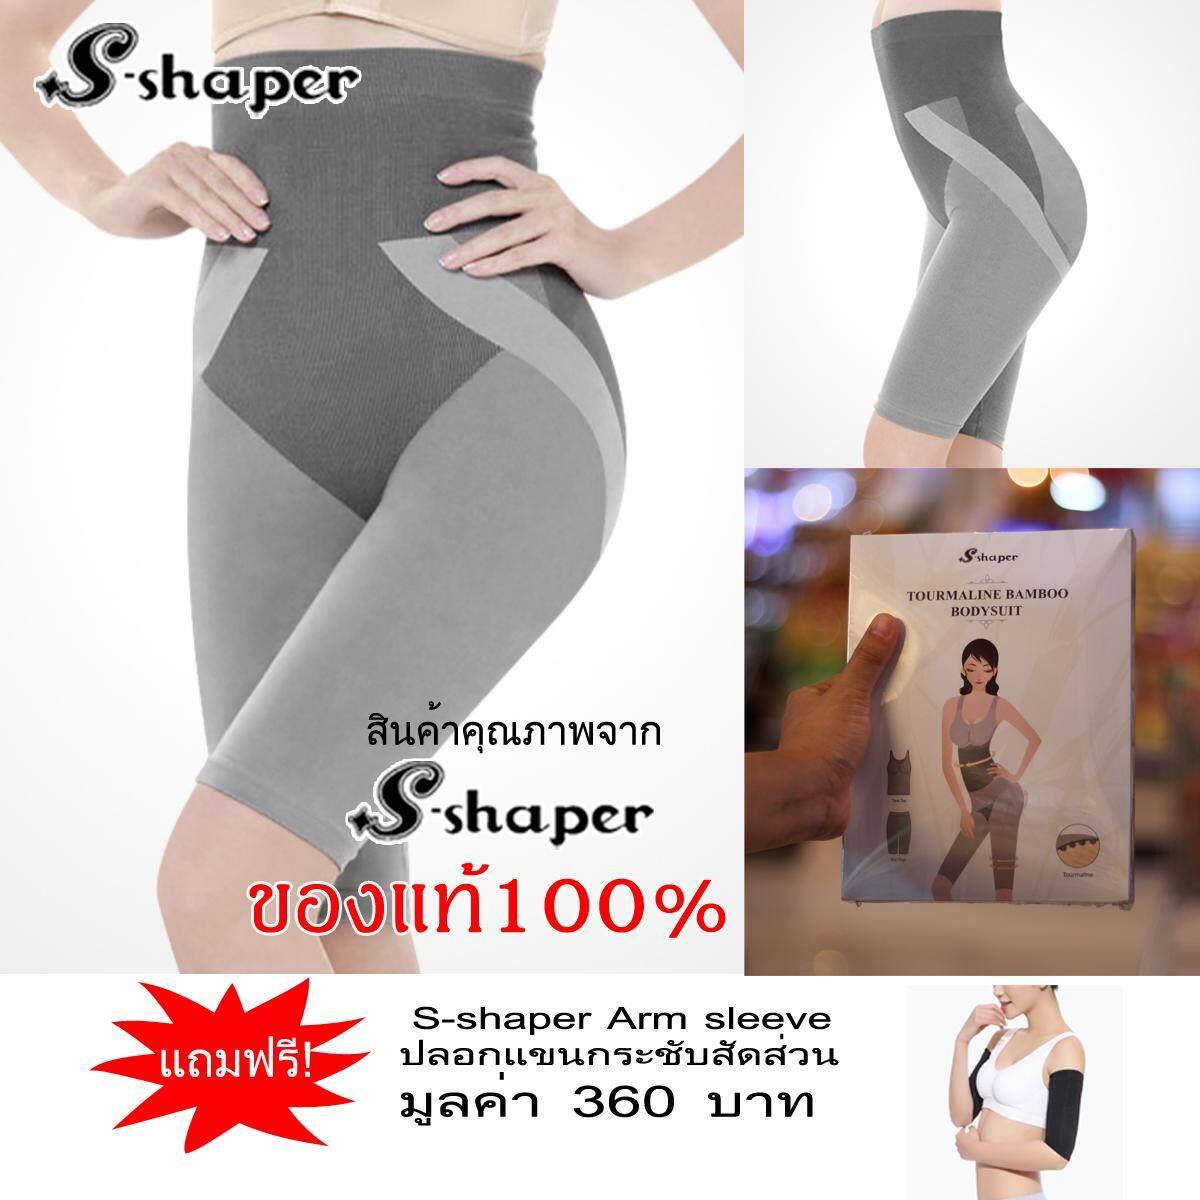 ส่วนลด กางเกงกระชับสัดส่วน กางเกงกระชับหน้าท้องและต้นขา S Shaper Tourmaline Bamboo Shorts S Shaper ใน เชียงใหม่